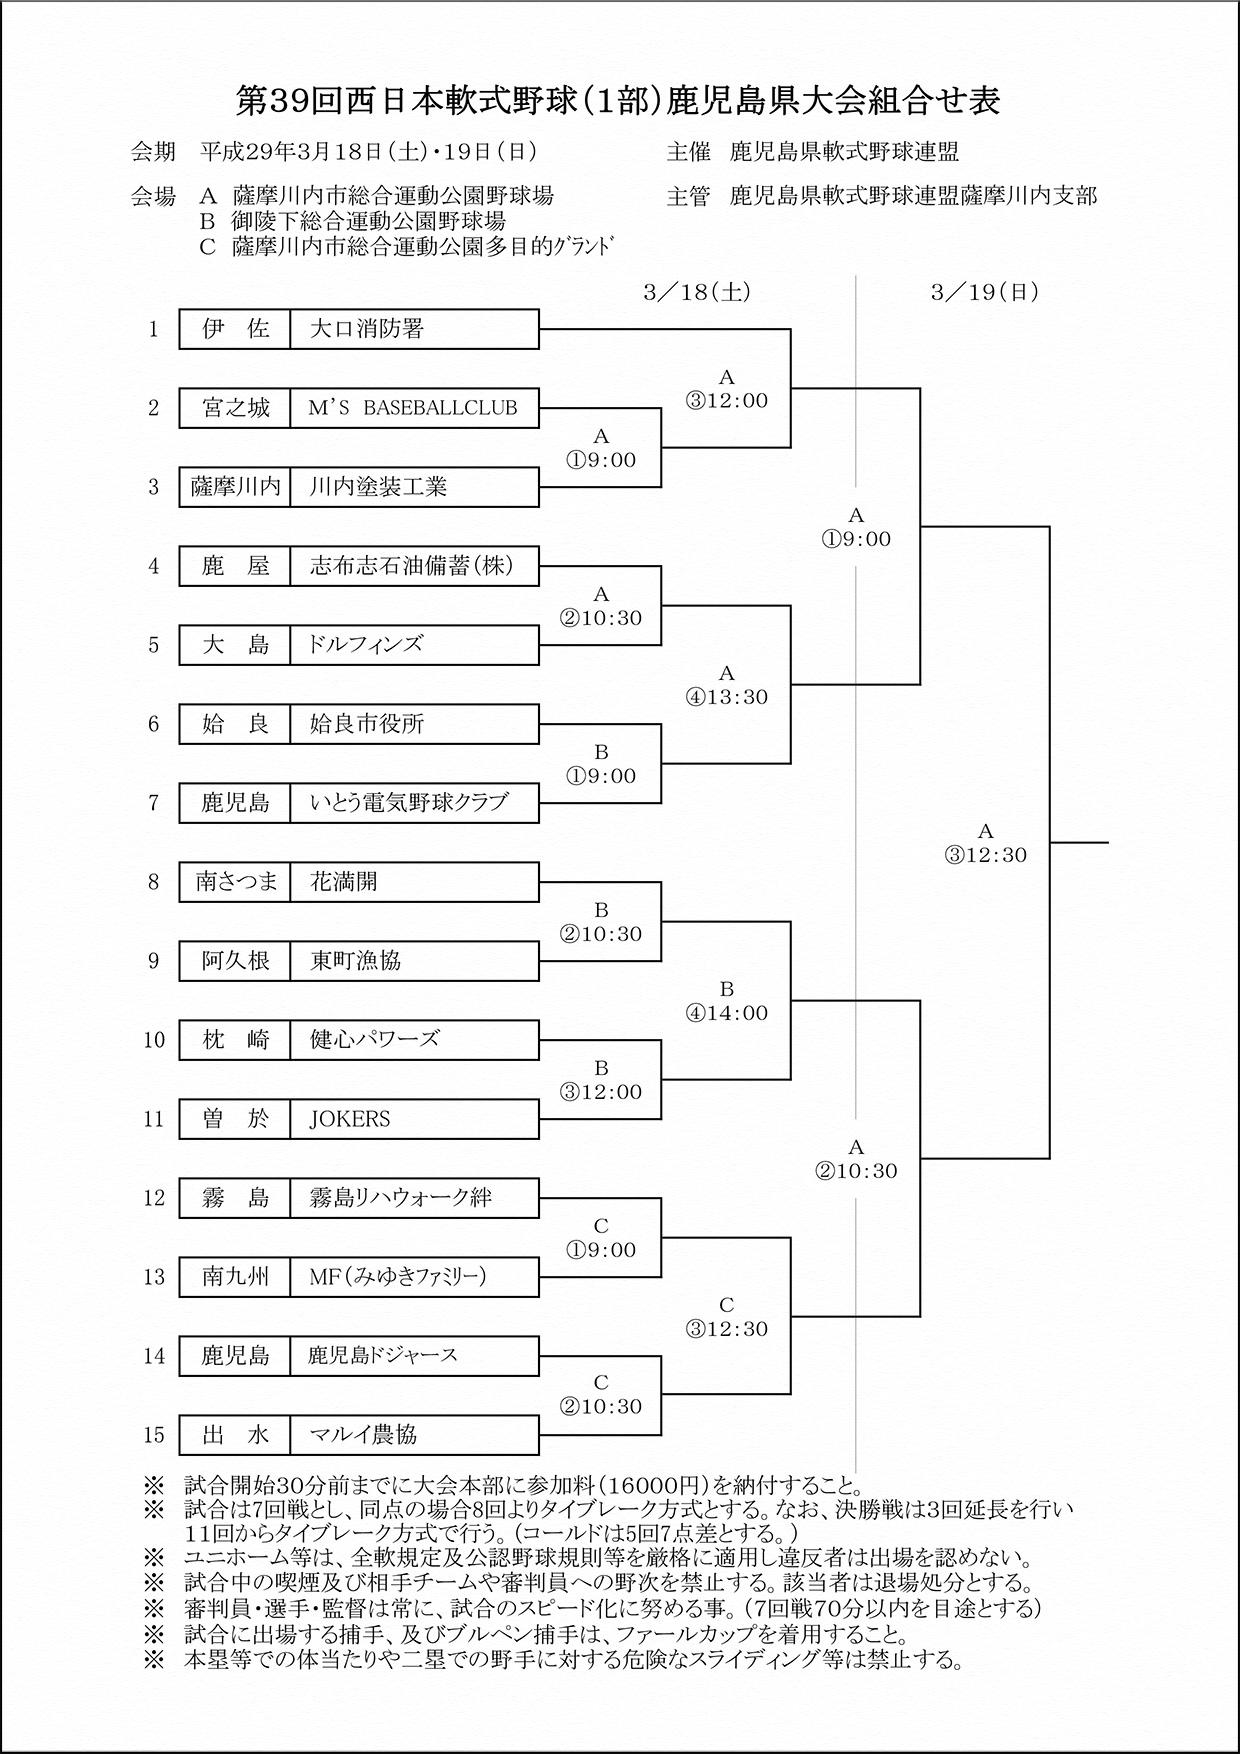 ▽第39回西日本軟式野球1部県大会組合せ表